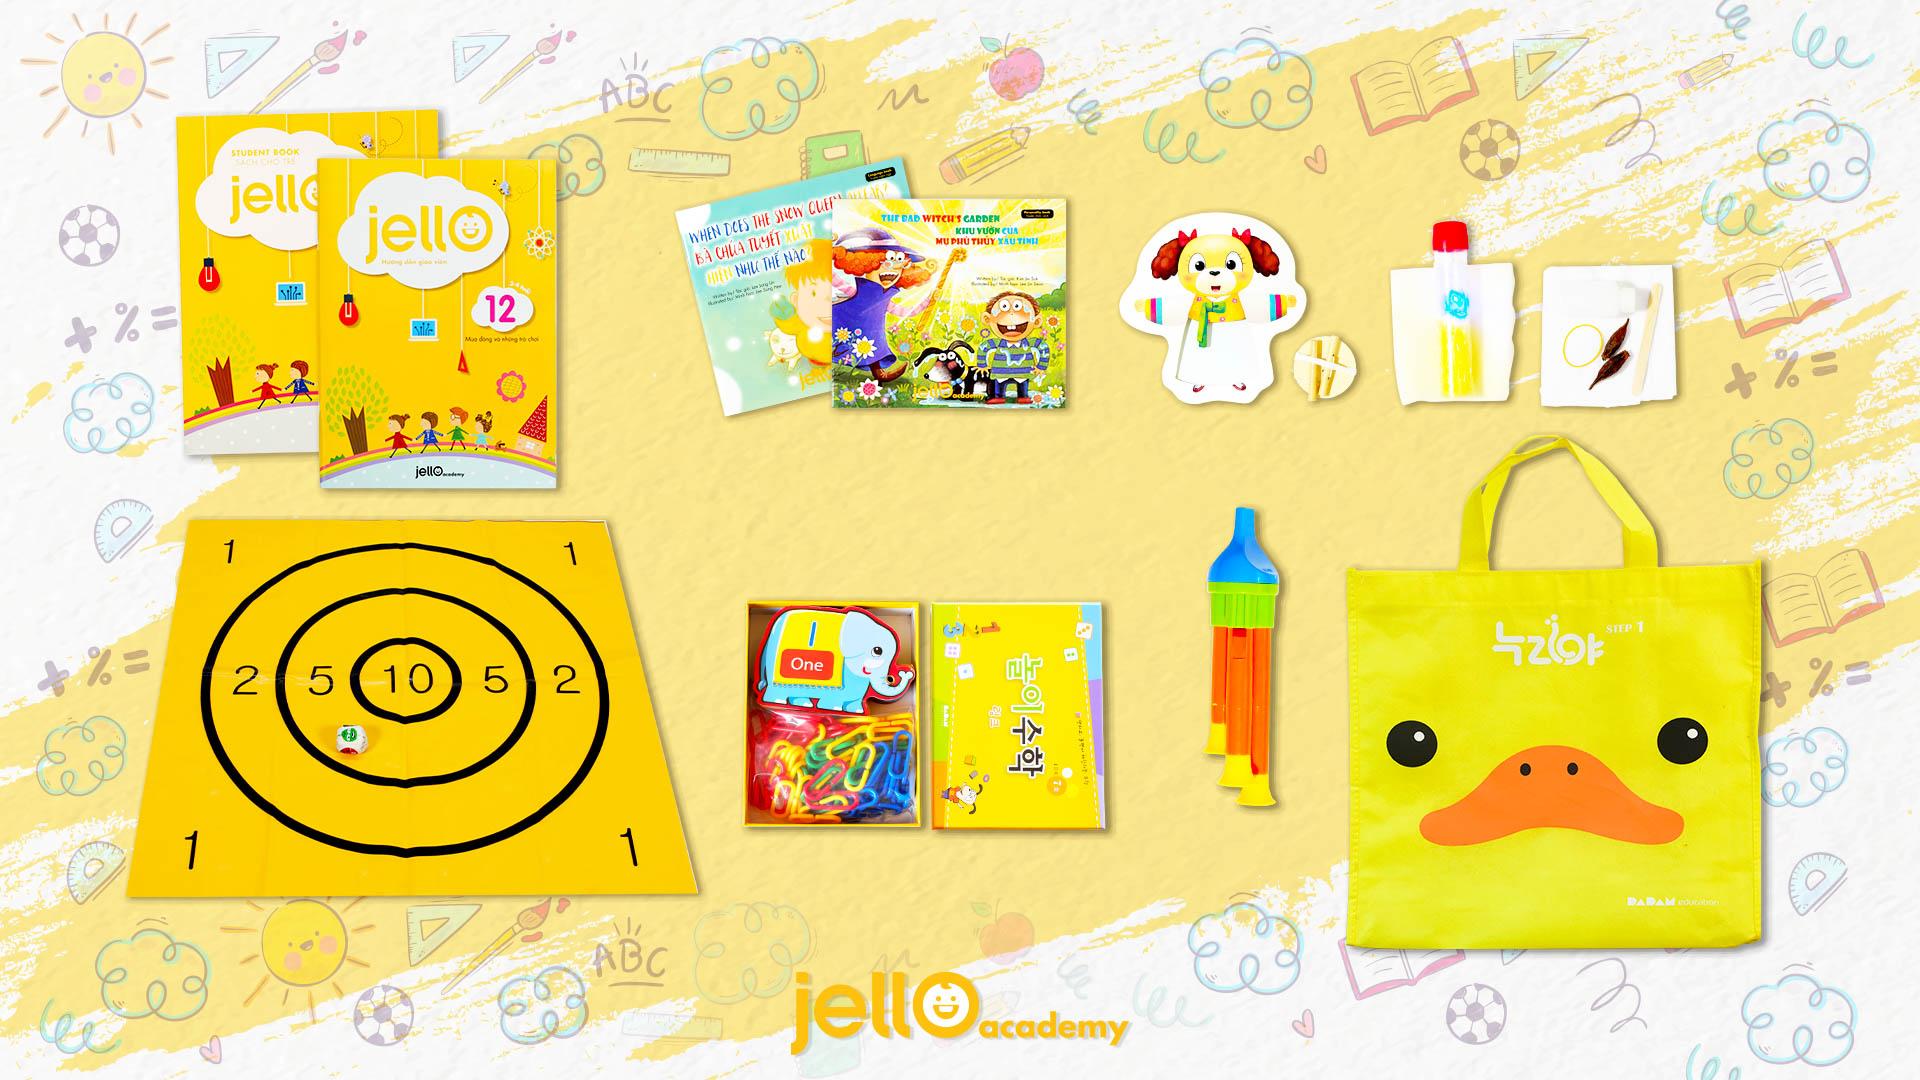 Bộ học cụ Jello - 3 Tuổi - Tháng 12